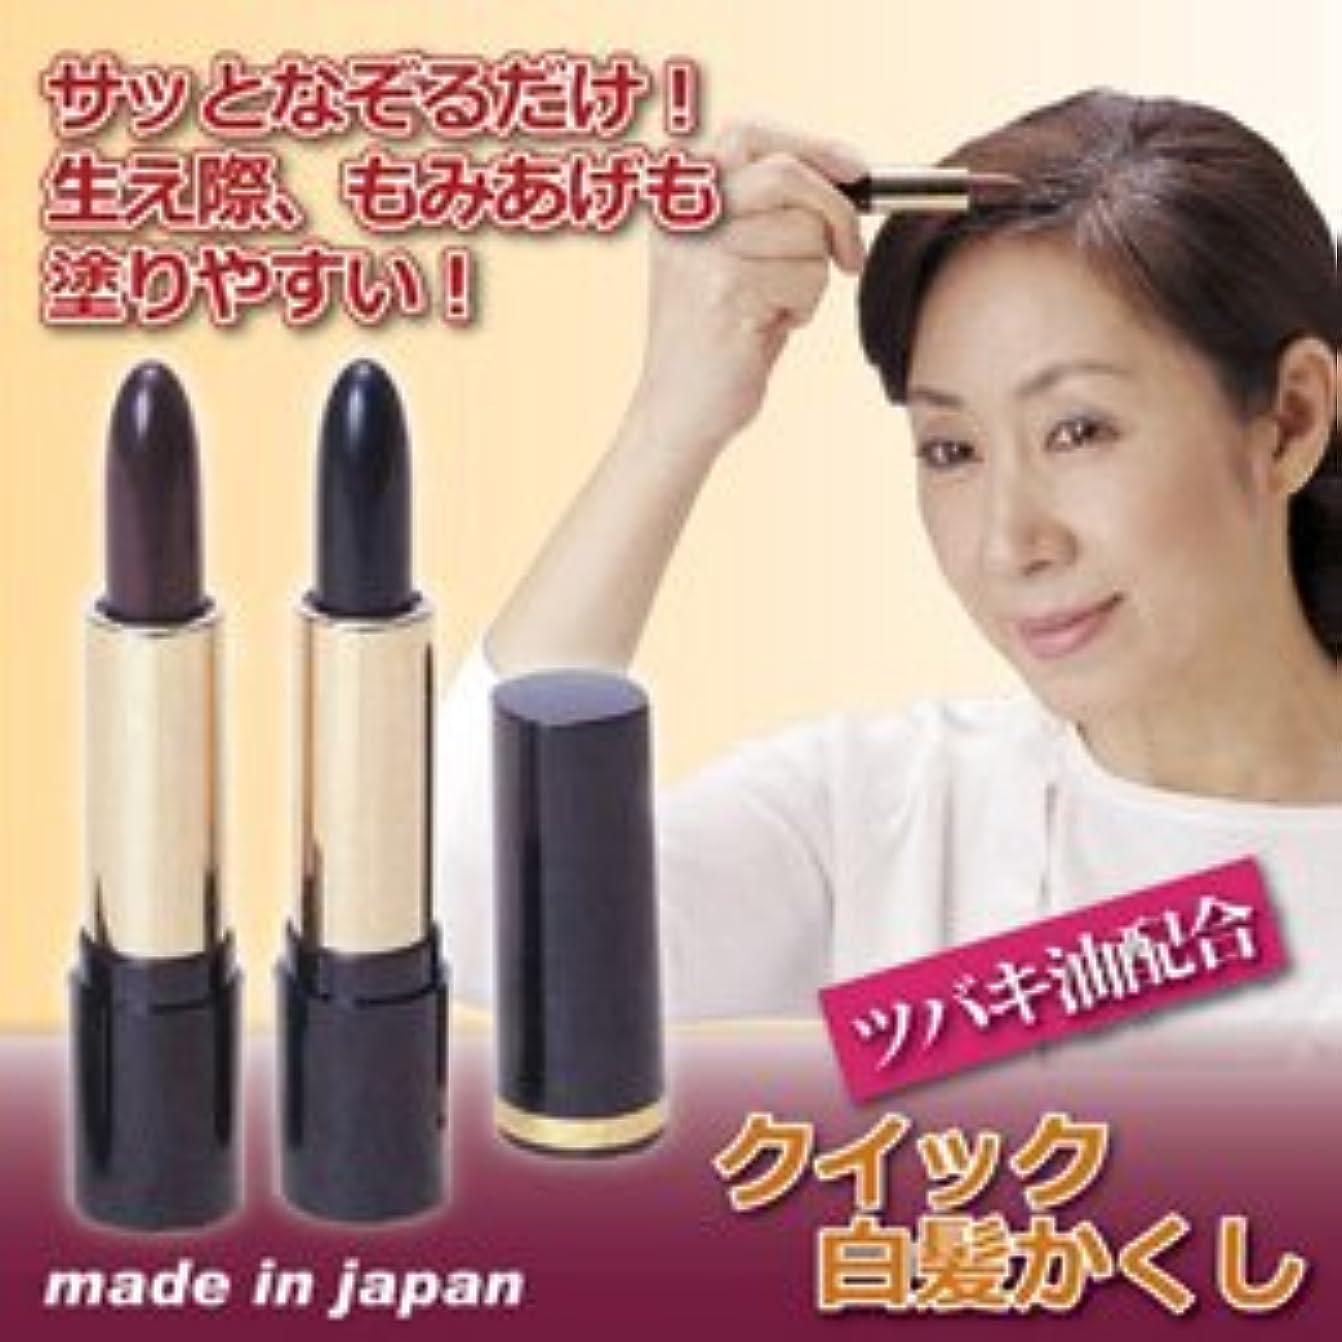 商業のなぜせがむ大阪化粧品 クイック白髪かくし ブラウン 8078232